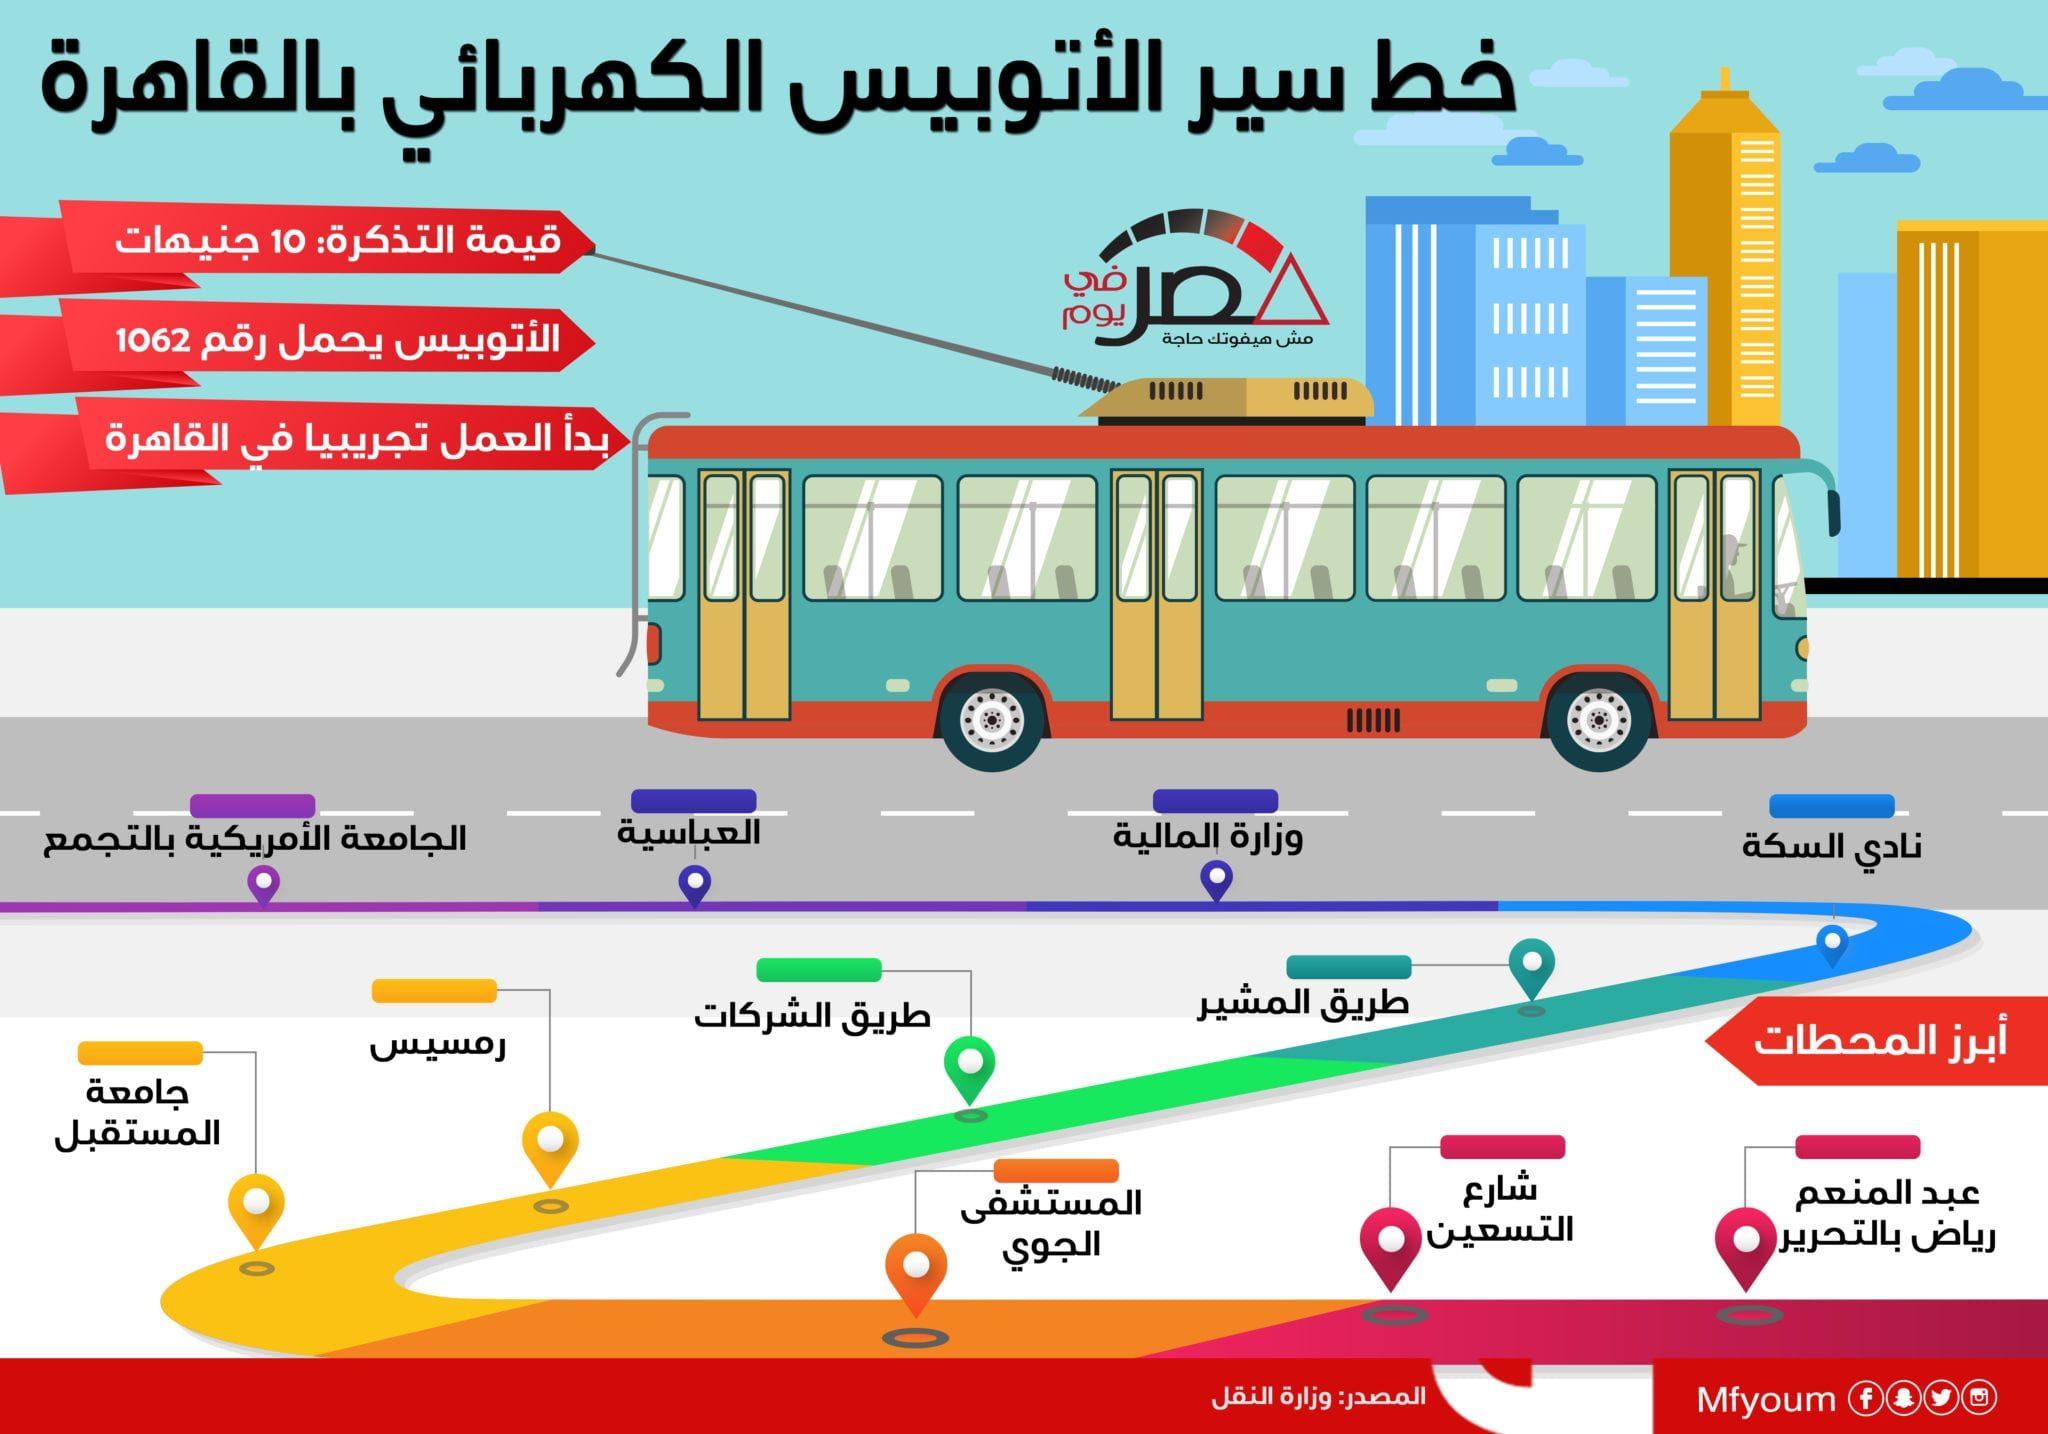 خط سير الأتوبيس الكهربائي بالقاهرة (إنفوجراف)